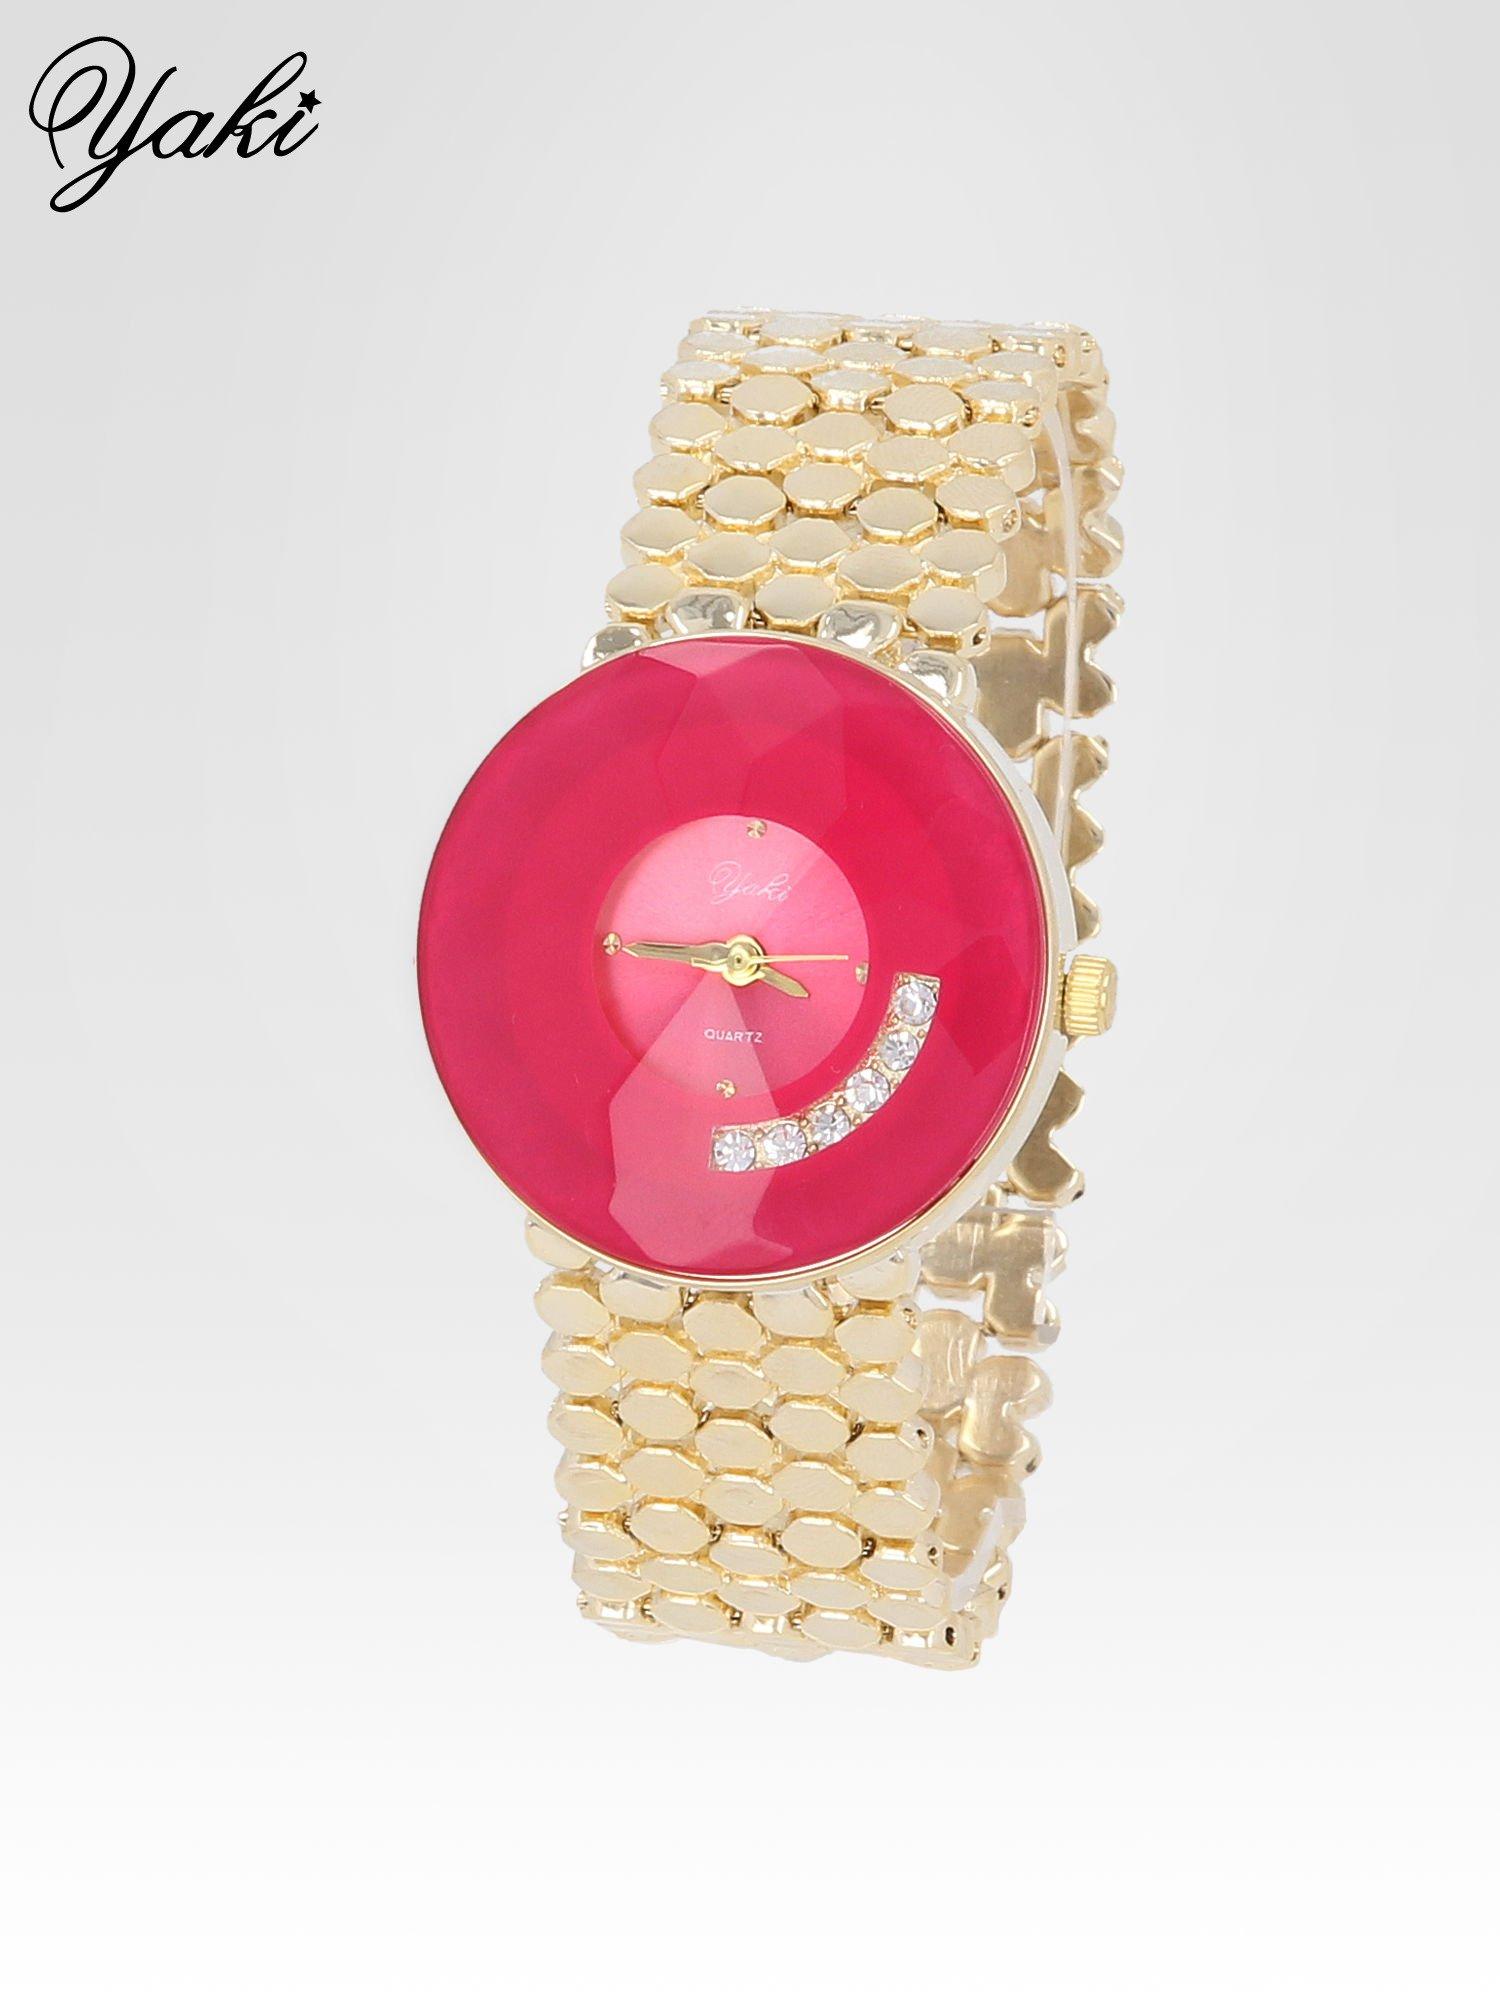 Biżuteryjny złoty zegarek damski z różową tarczą z cyrkoniami                                  zdj.                                  2